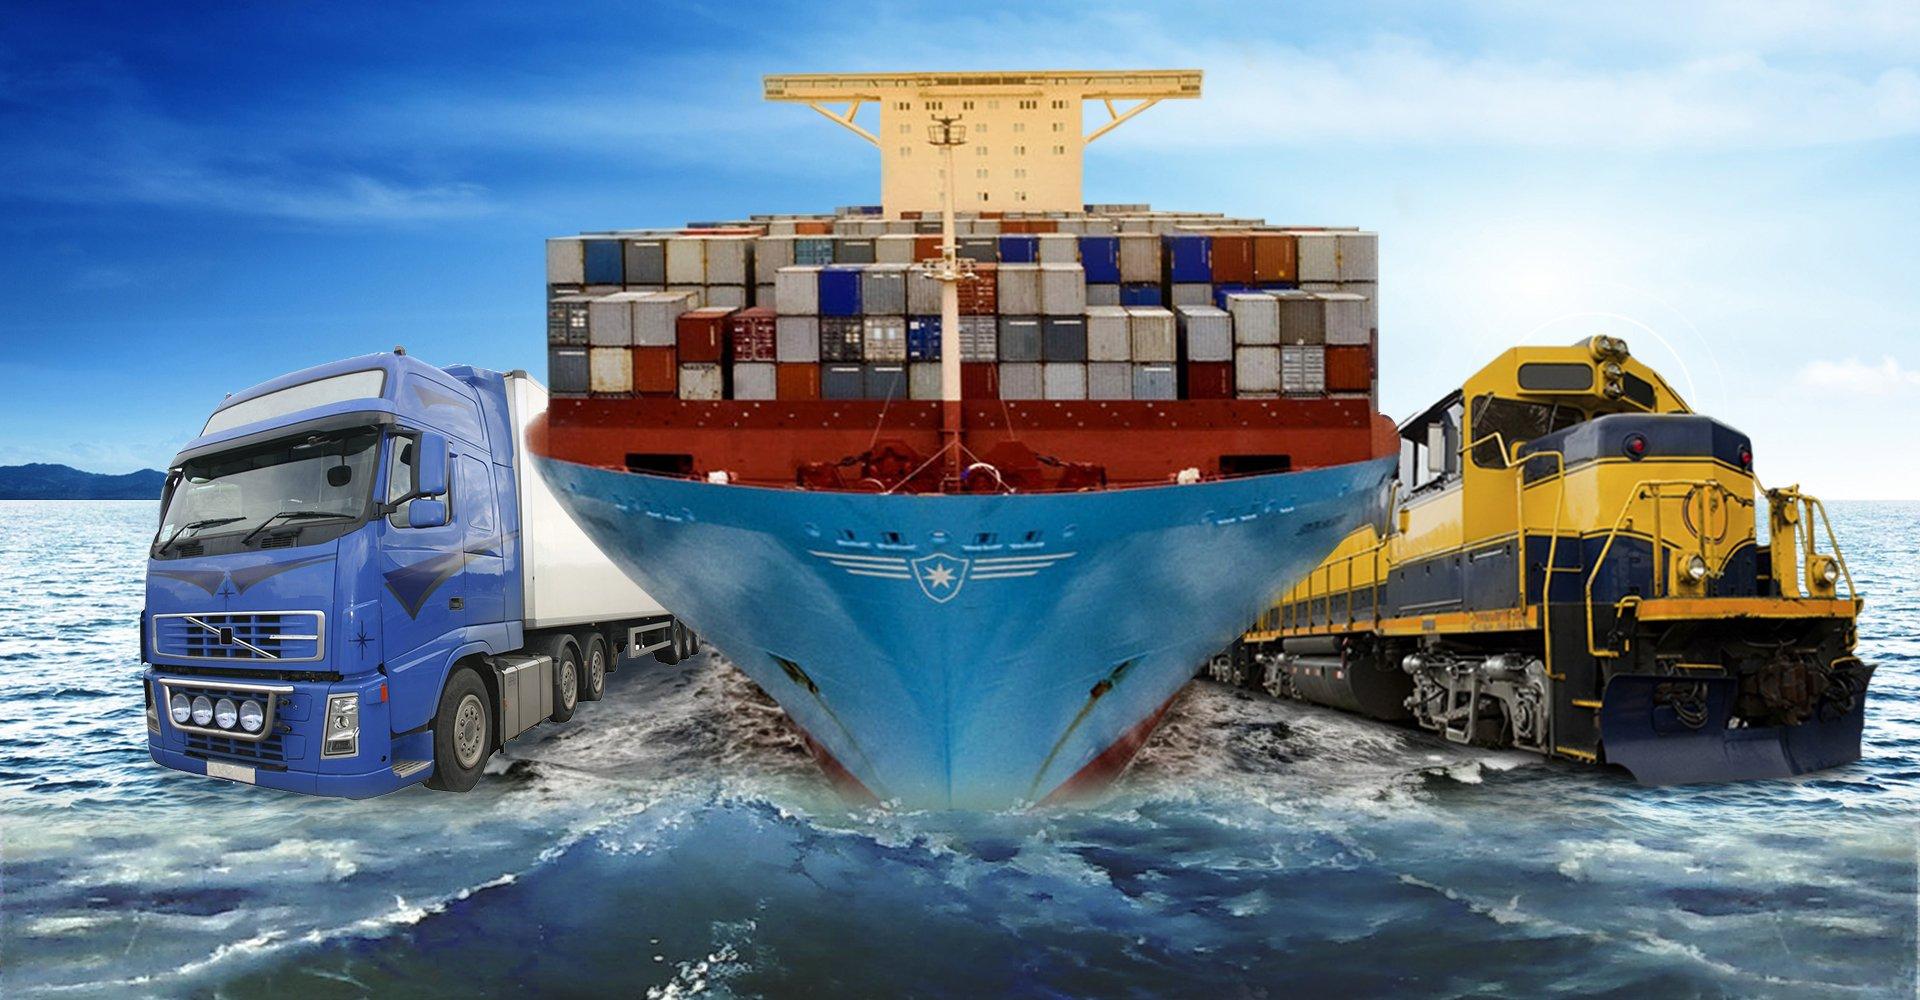 Операции и документы внешнеторговых перевозок товаров